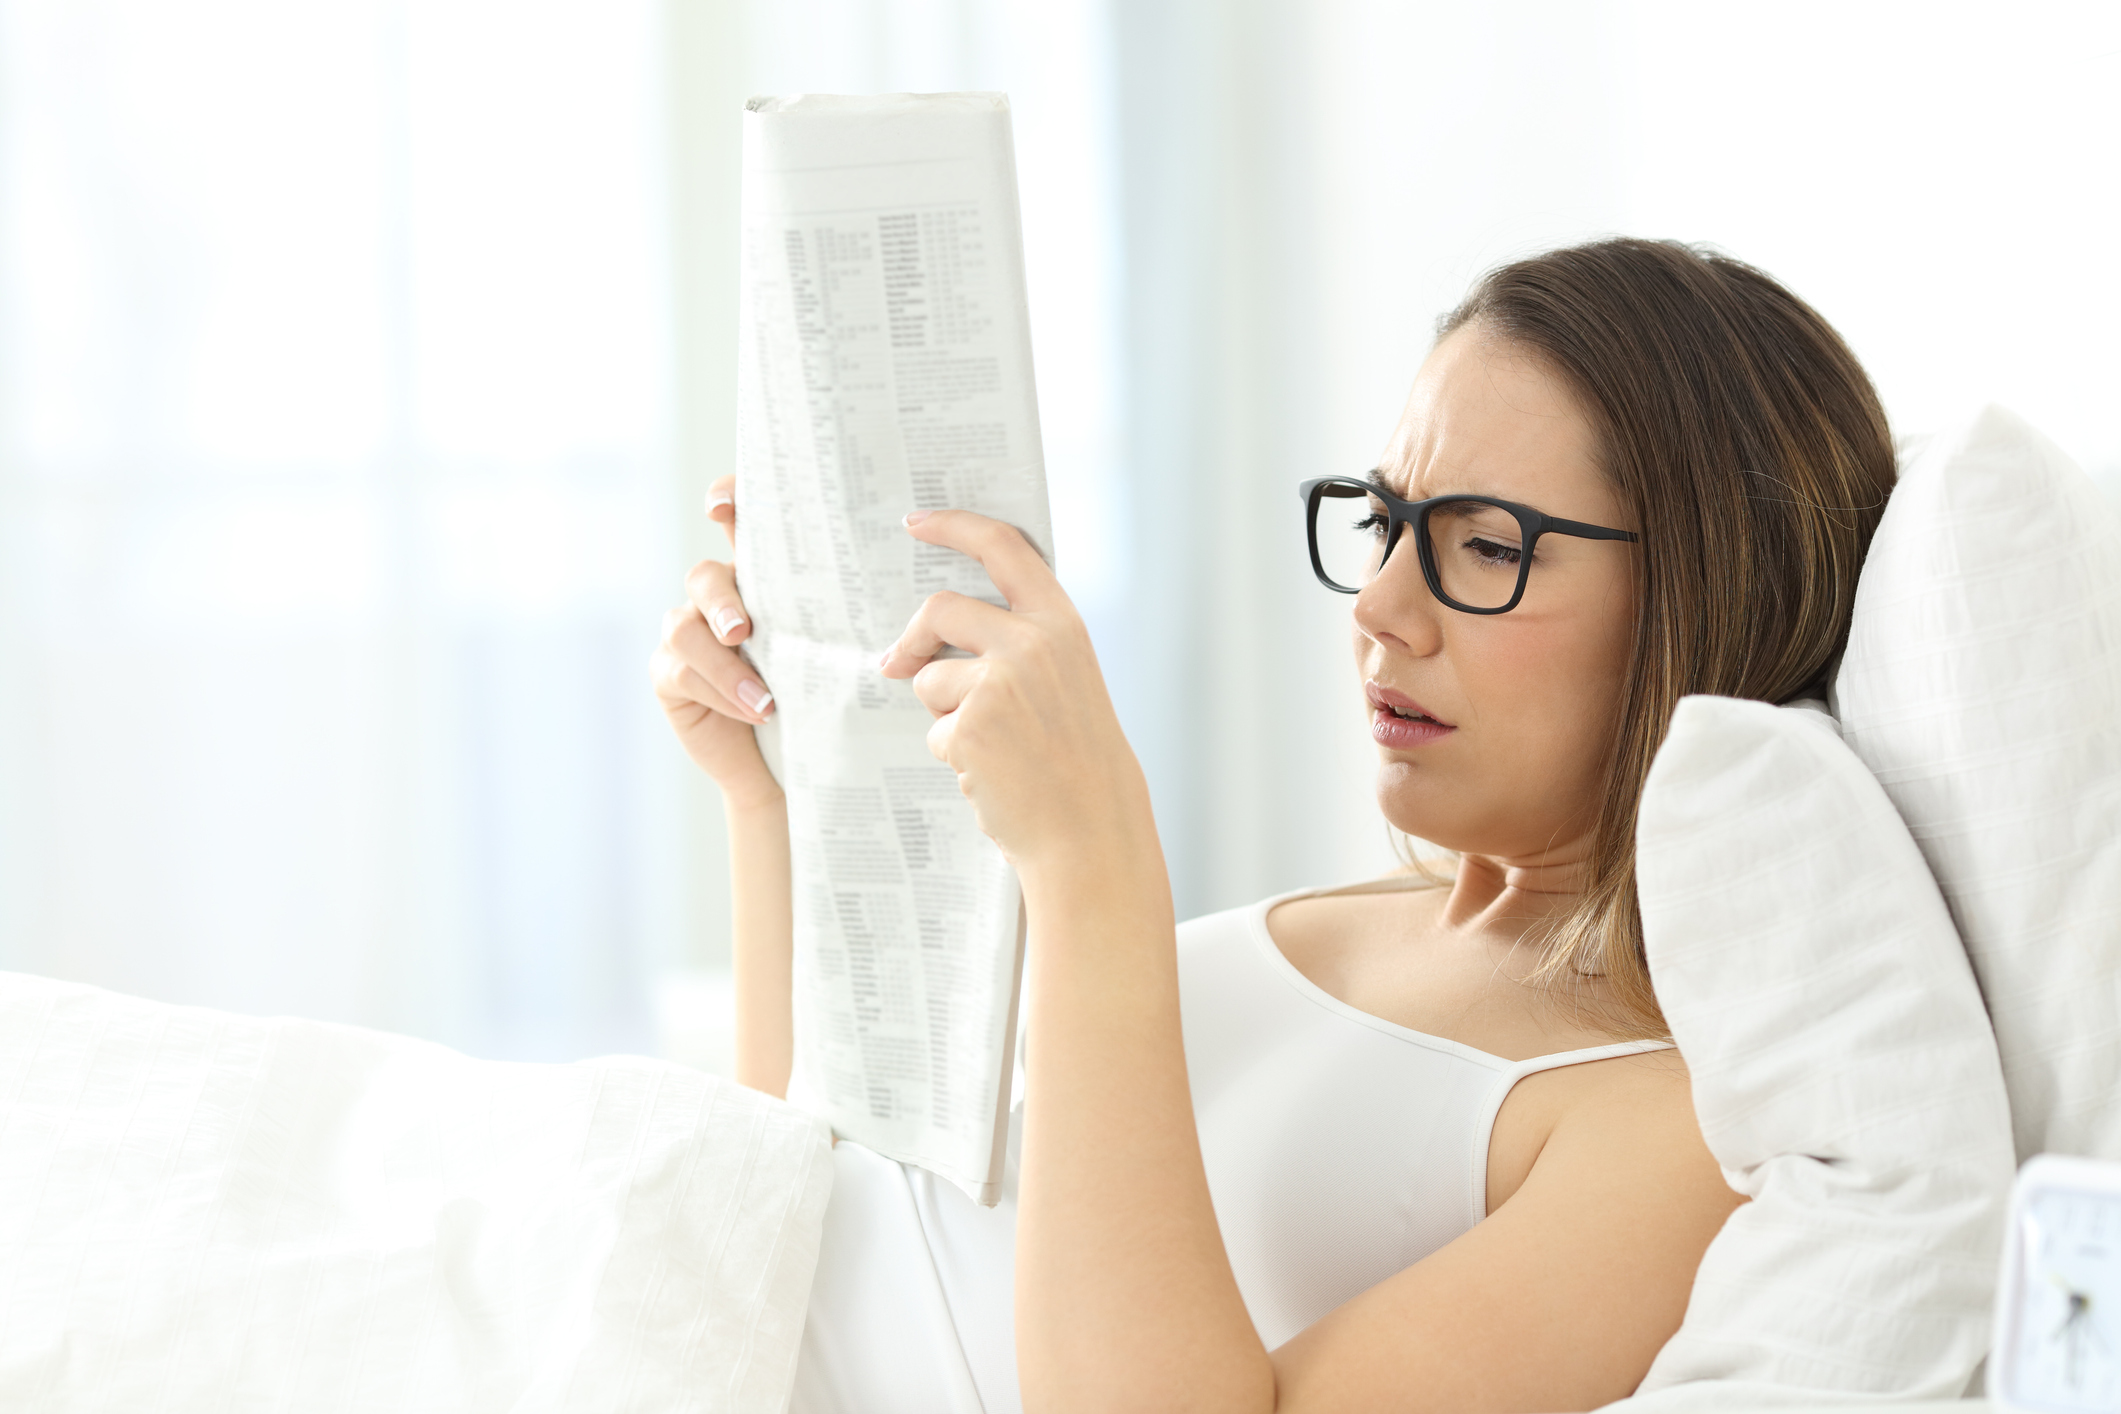 Se você está com dificuldade para ler bulas de medicamentos, livros ou ler as suas mensagens no celular, é bem provável que você esteja com a vista cansada.